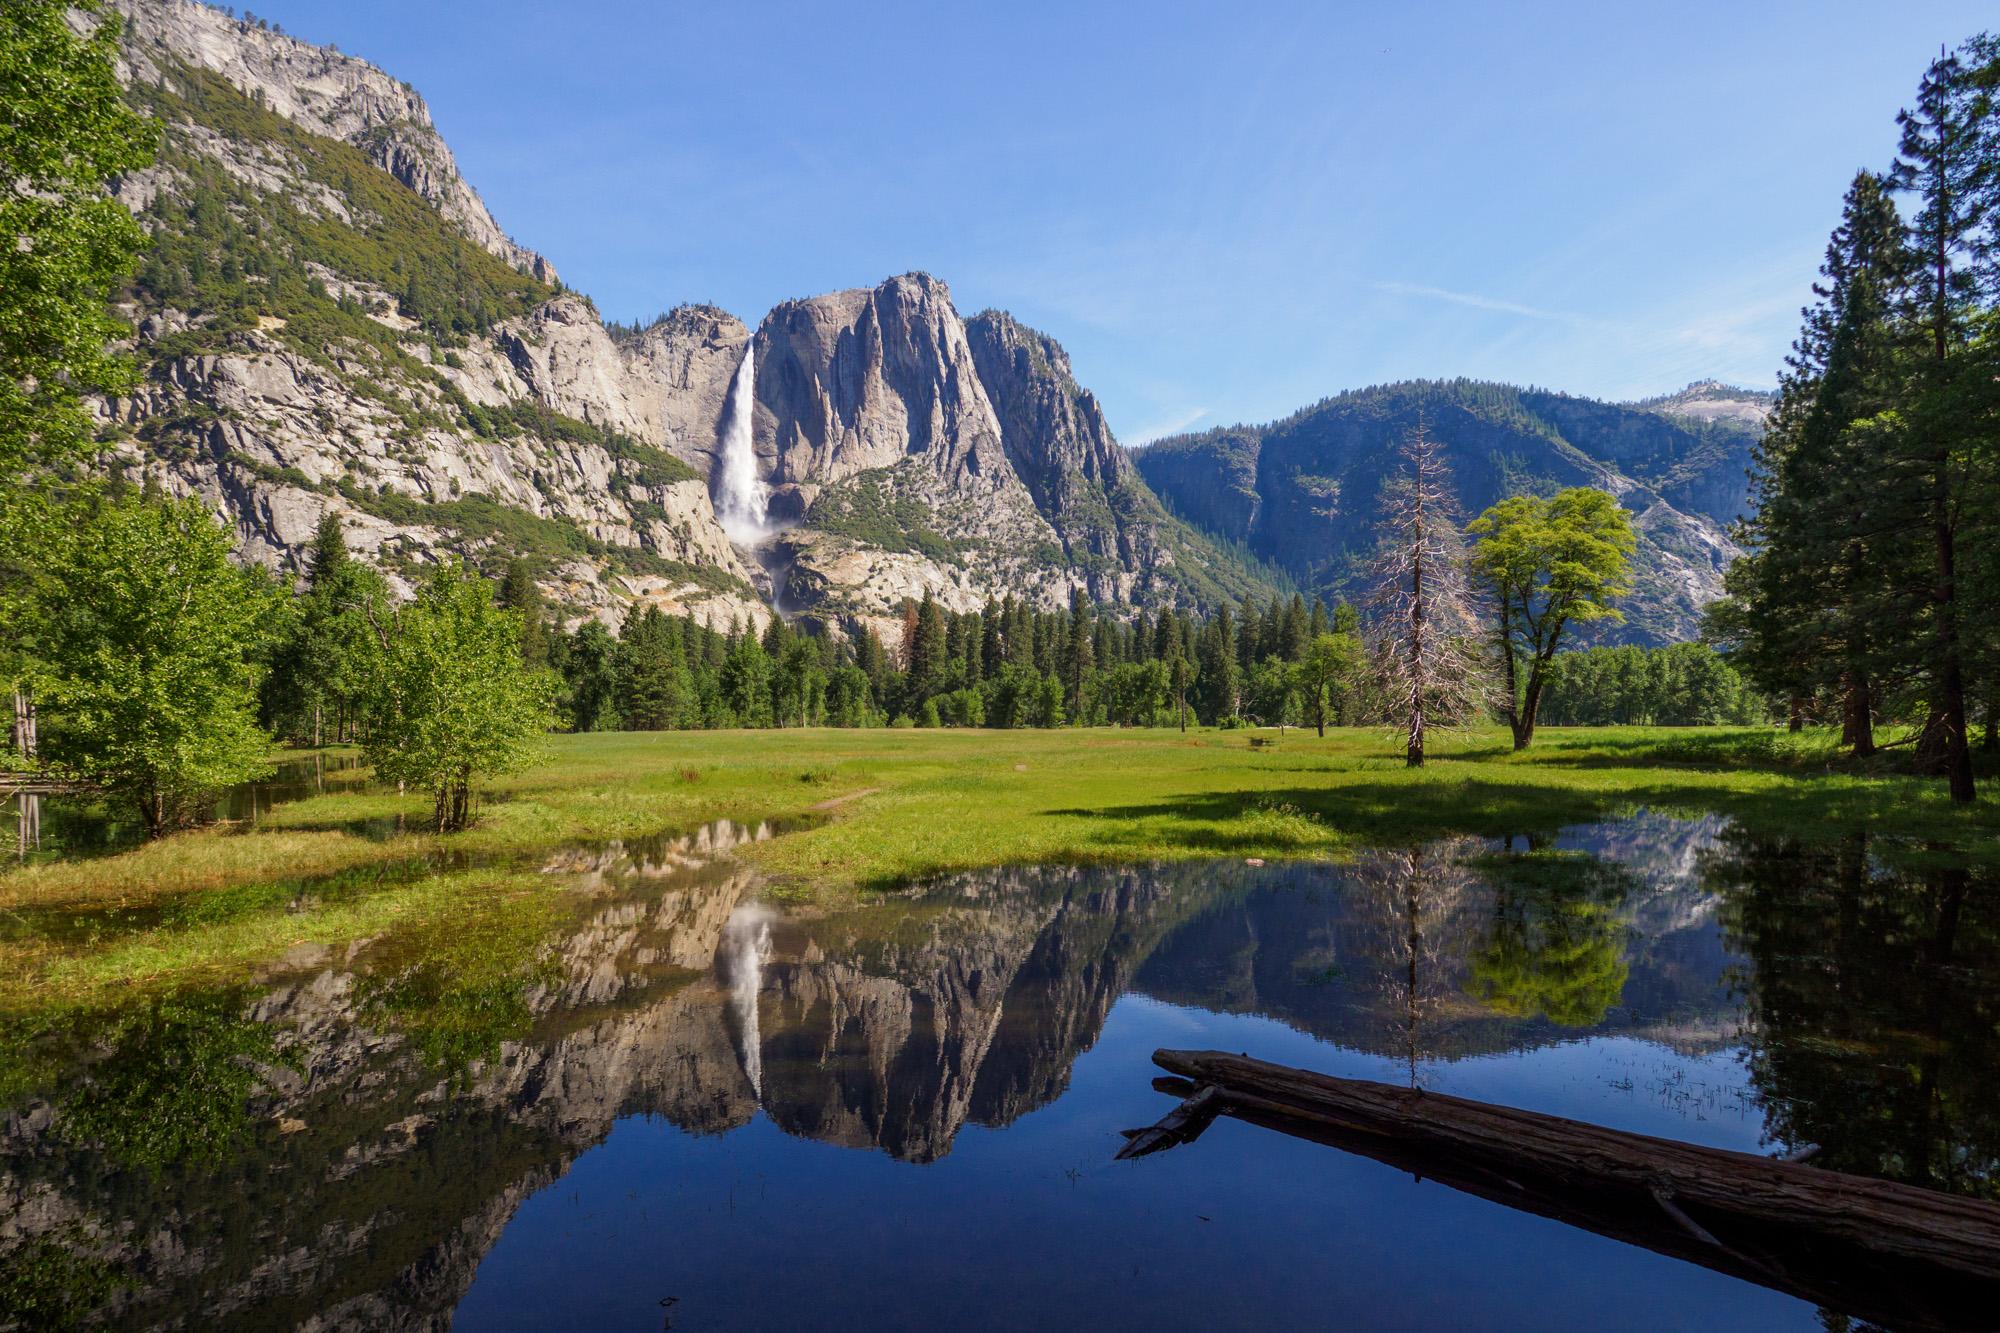 Yosemite Nationalpark - Beste Aussicht vom Sentinel Beach auf den Yosemite Fall